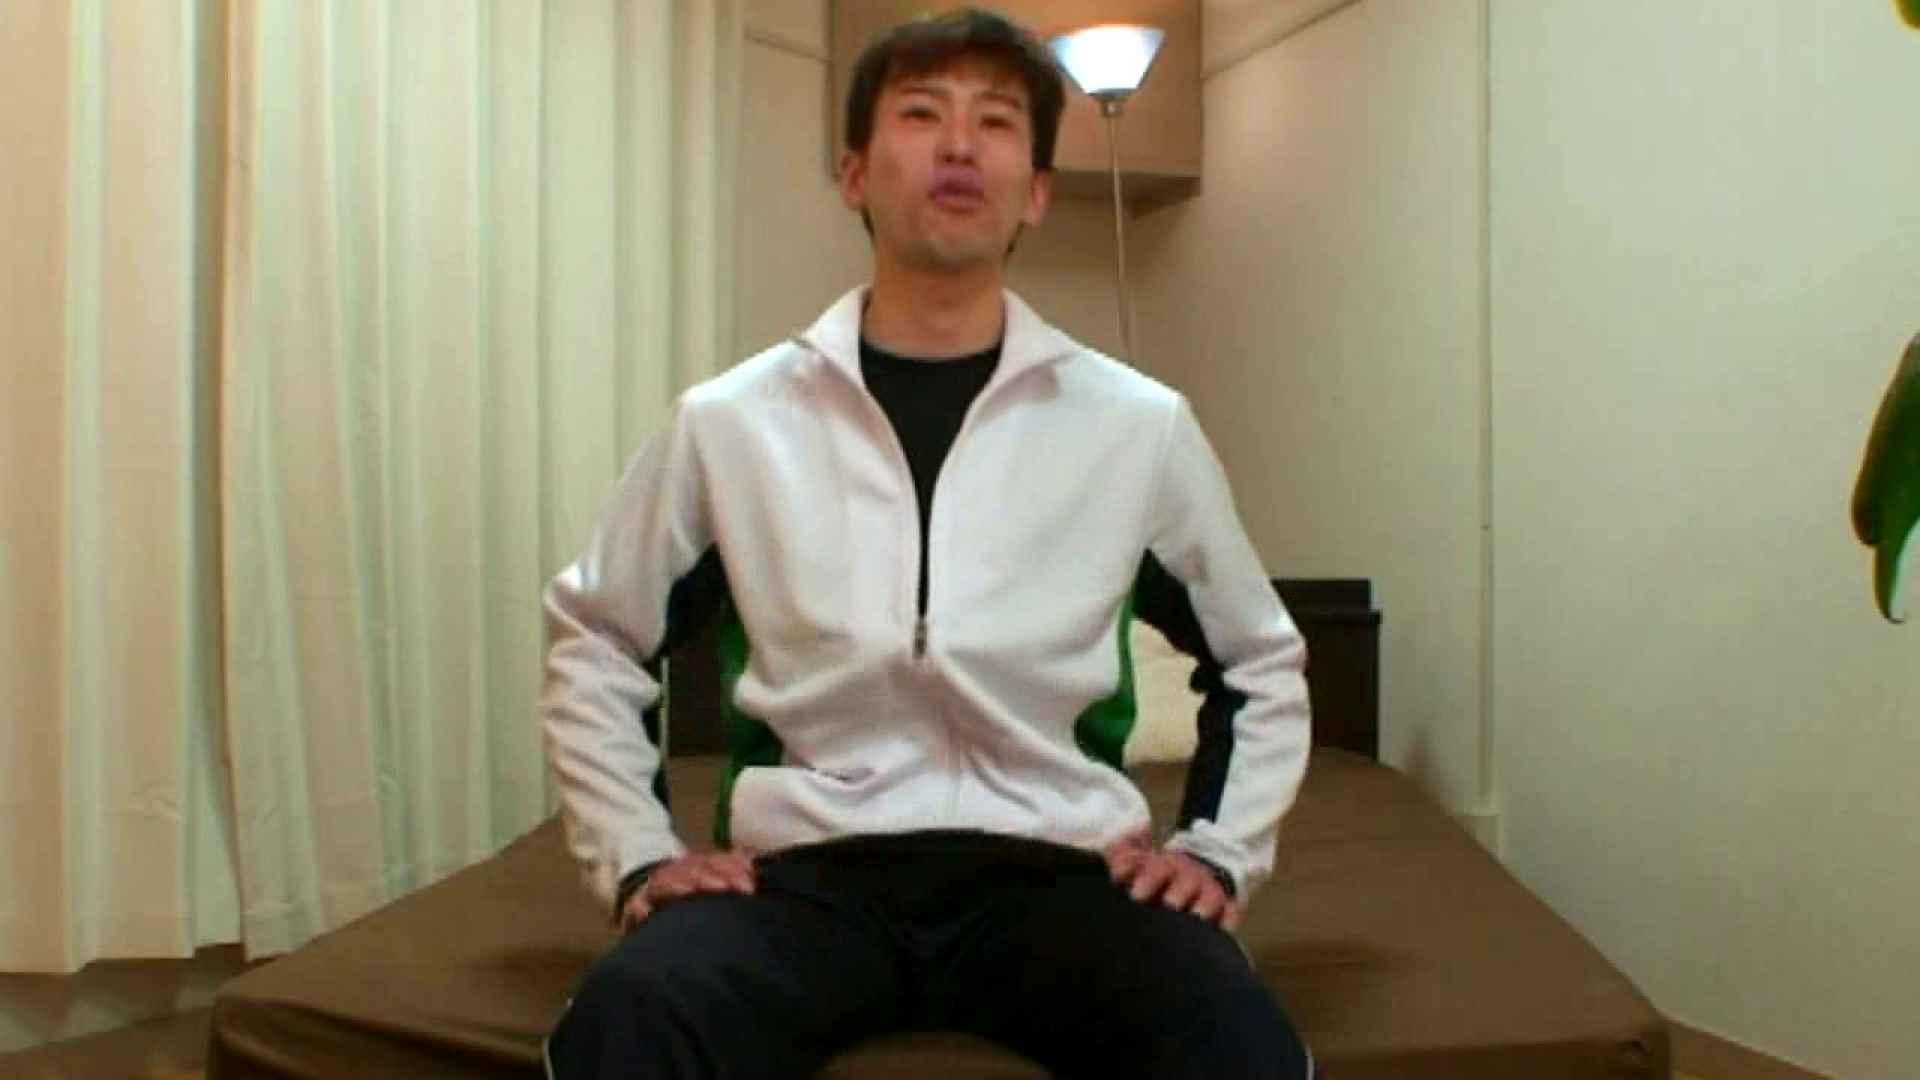 ノンケ!自慰スタジオ No.19 自慰   マッチョ  65画像 29